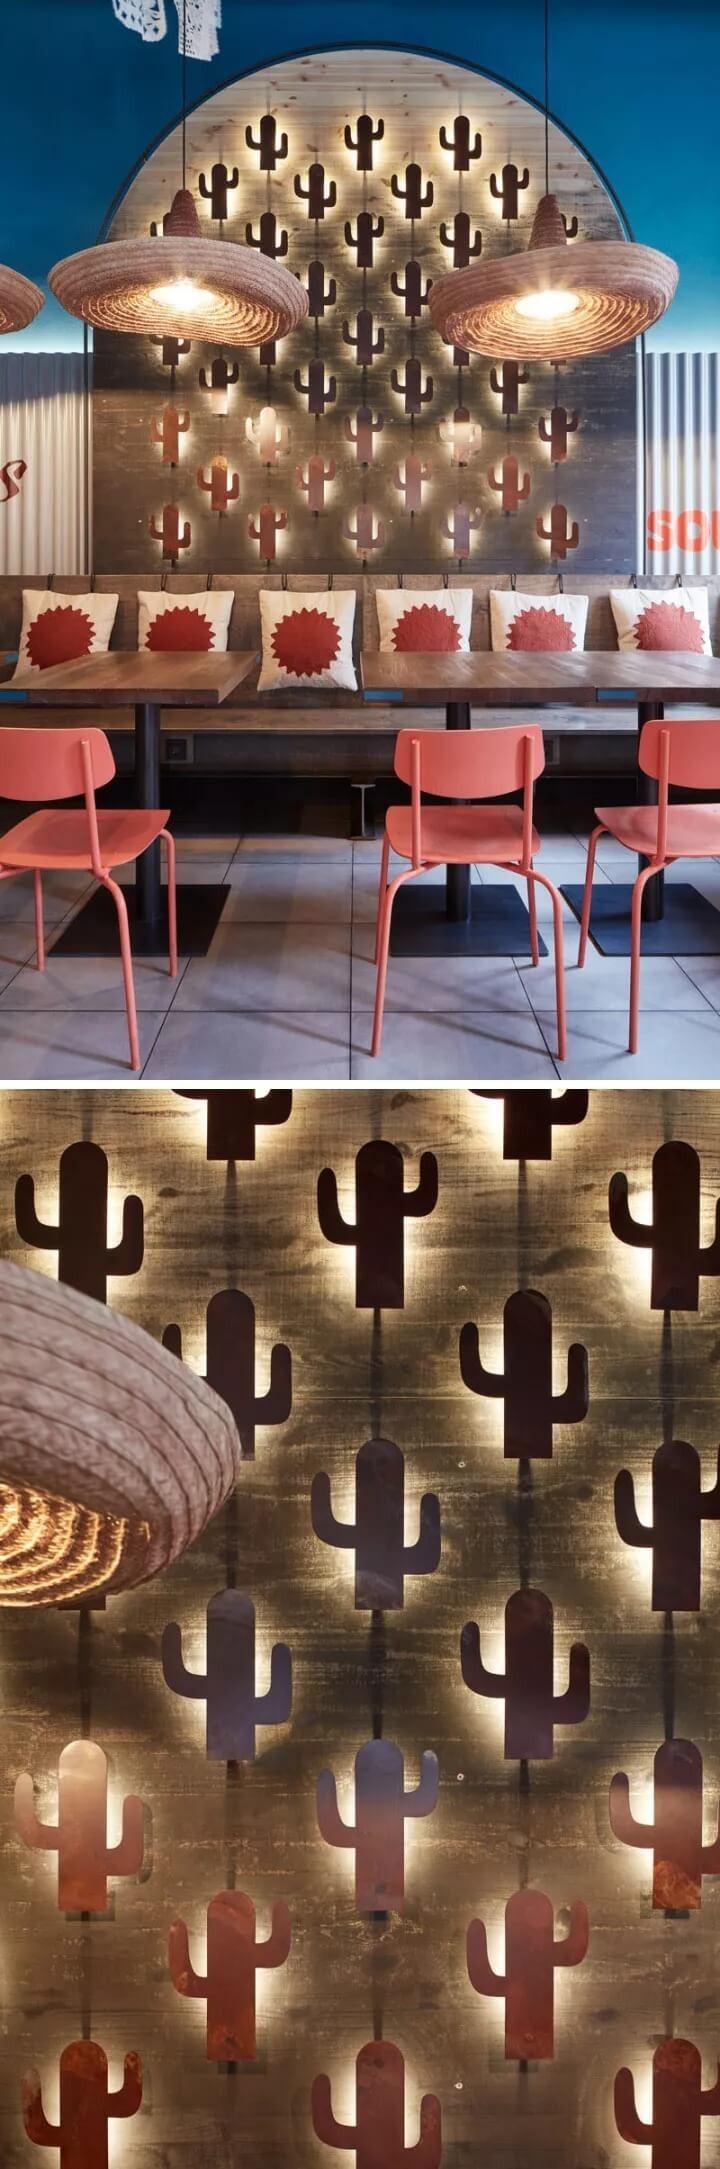 仙人掌主题餐厅设计欣赏